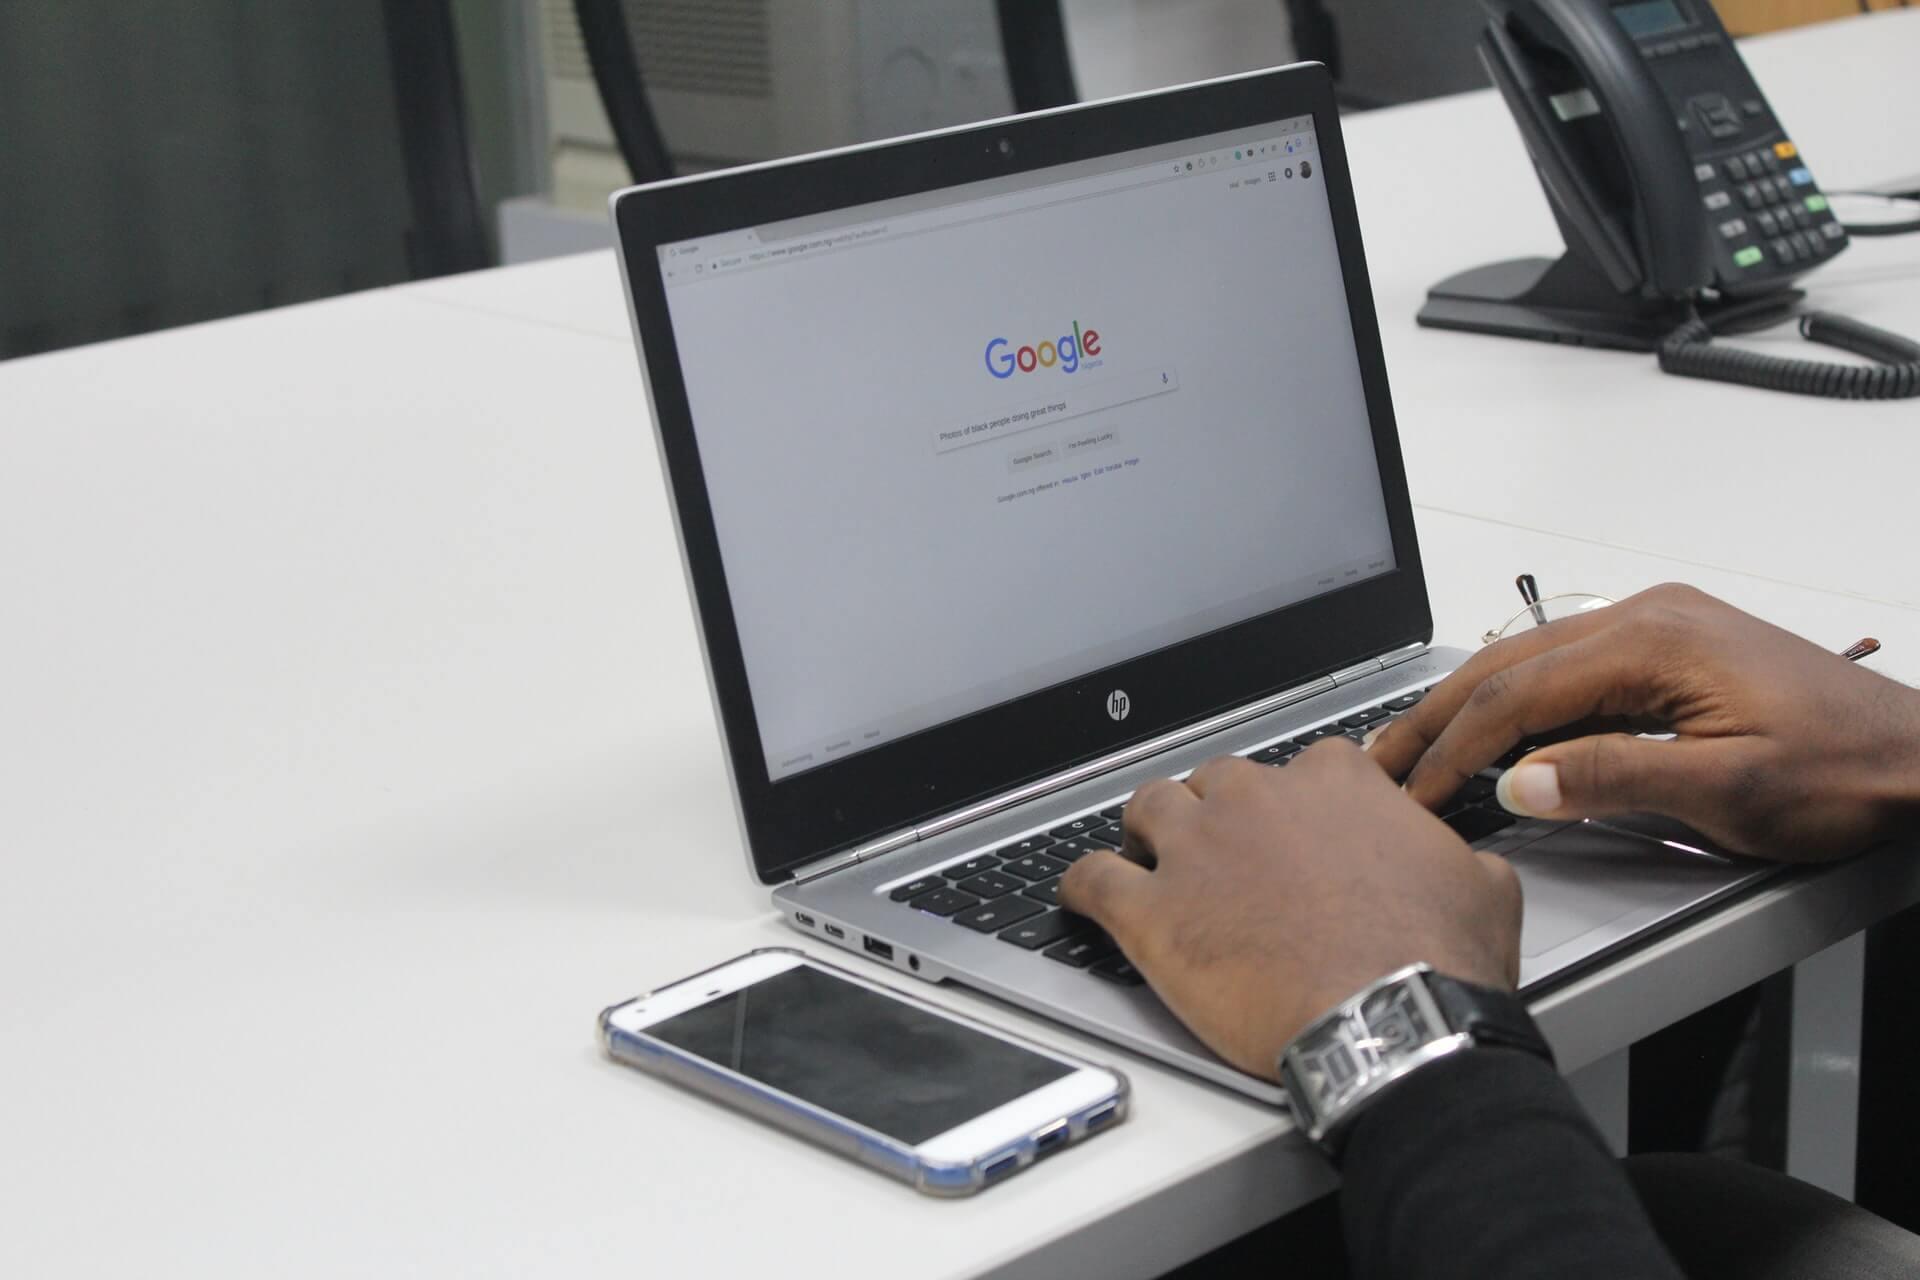 Verkkosivuston digitaalinen markkinointi